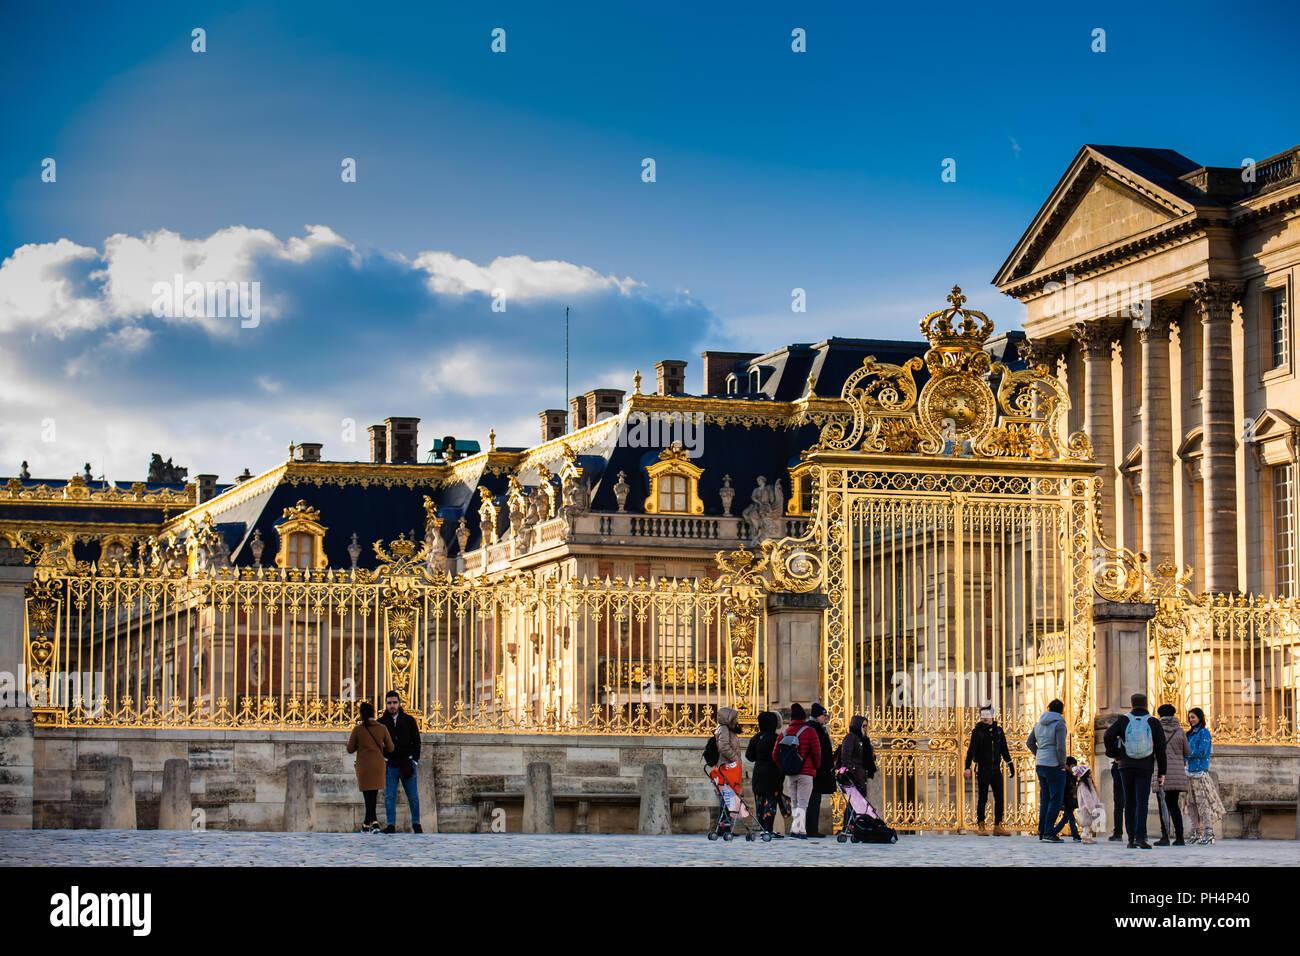 Le Palais de Versailles en un jour d'hiver gel juste avant le printemps Banque D'Images